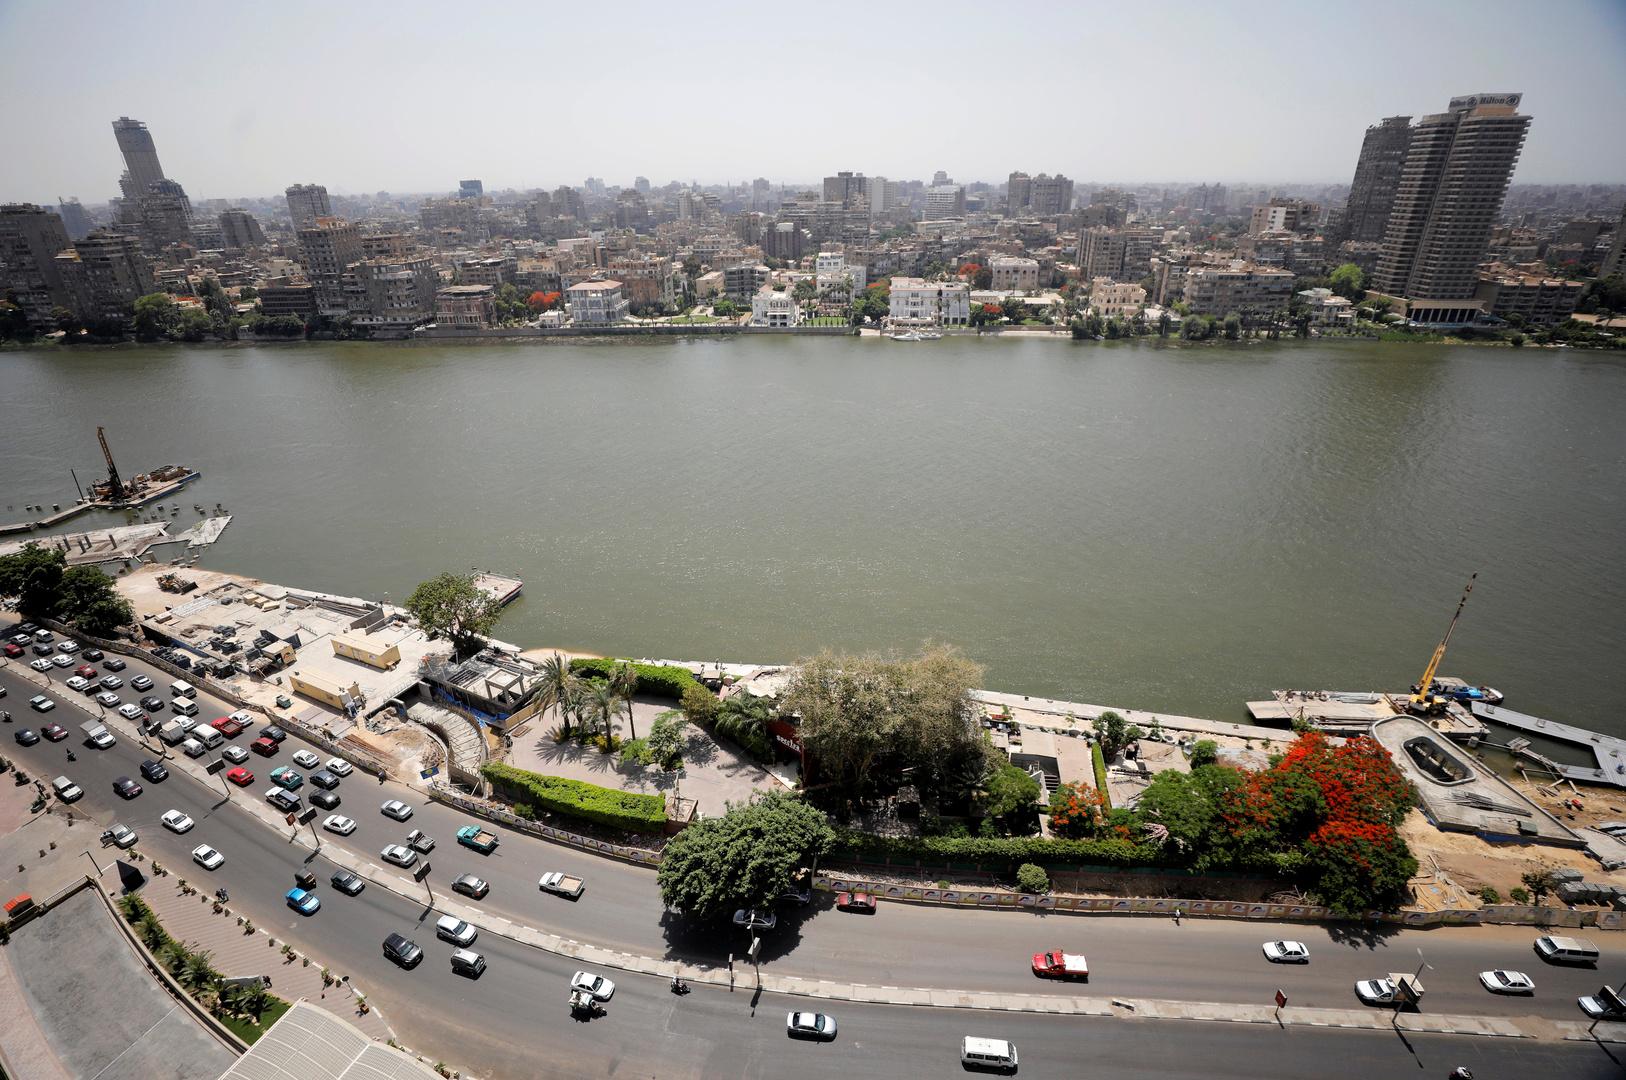 مصر..  10 إجراءات هامة ستبدأ تنفيذها الحكومة خلال 48 ساعة